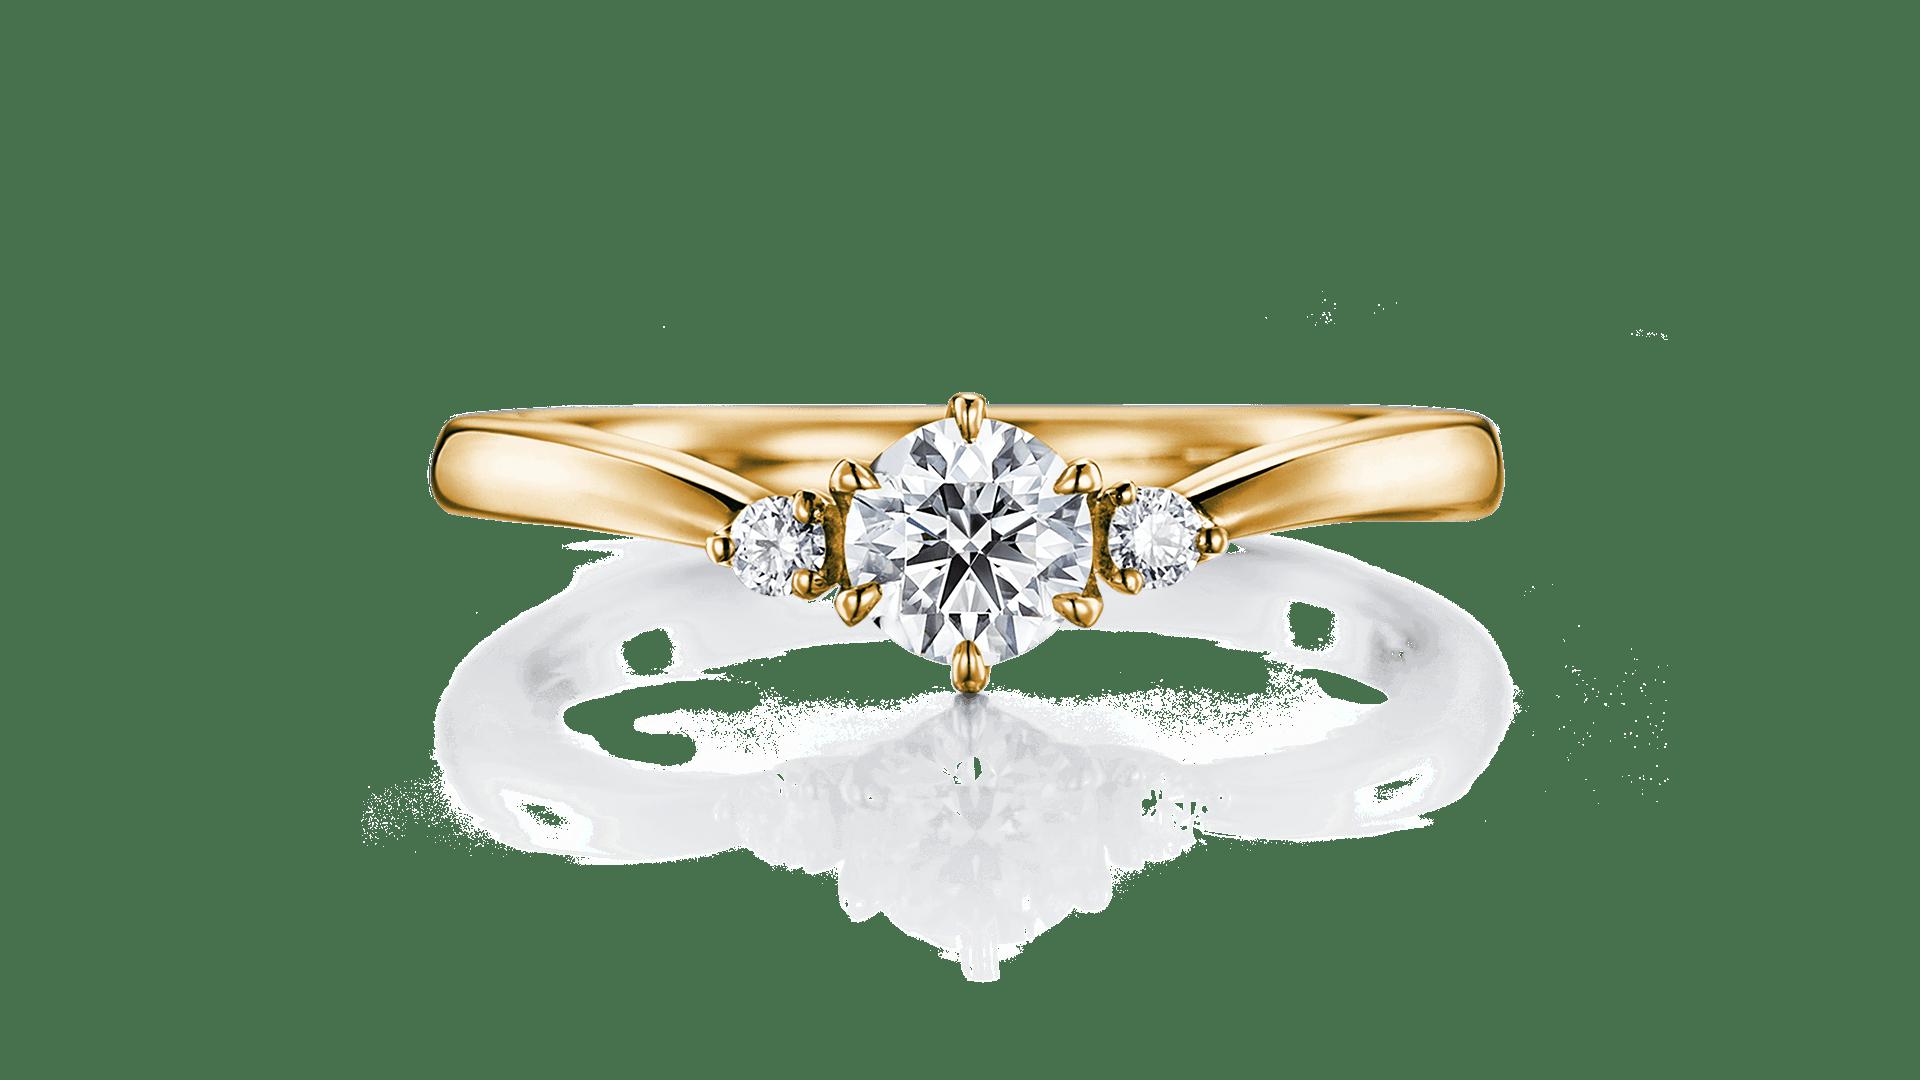 meissa メイサ | 婚約指輪サムネイル 1